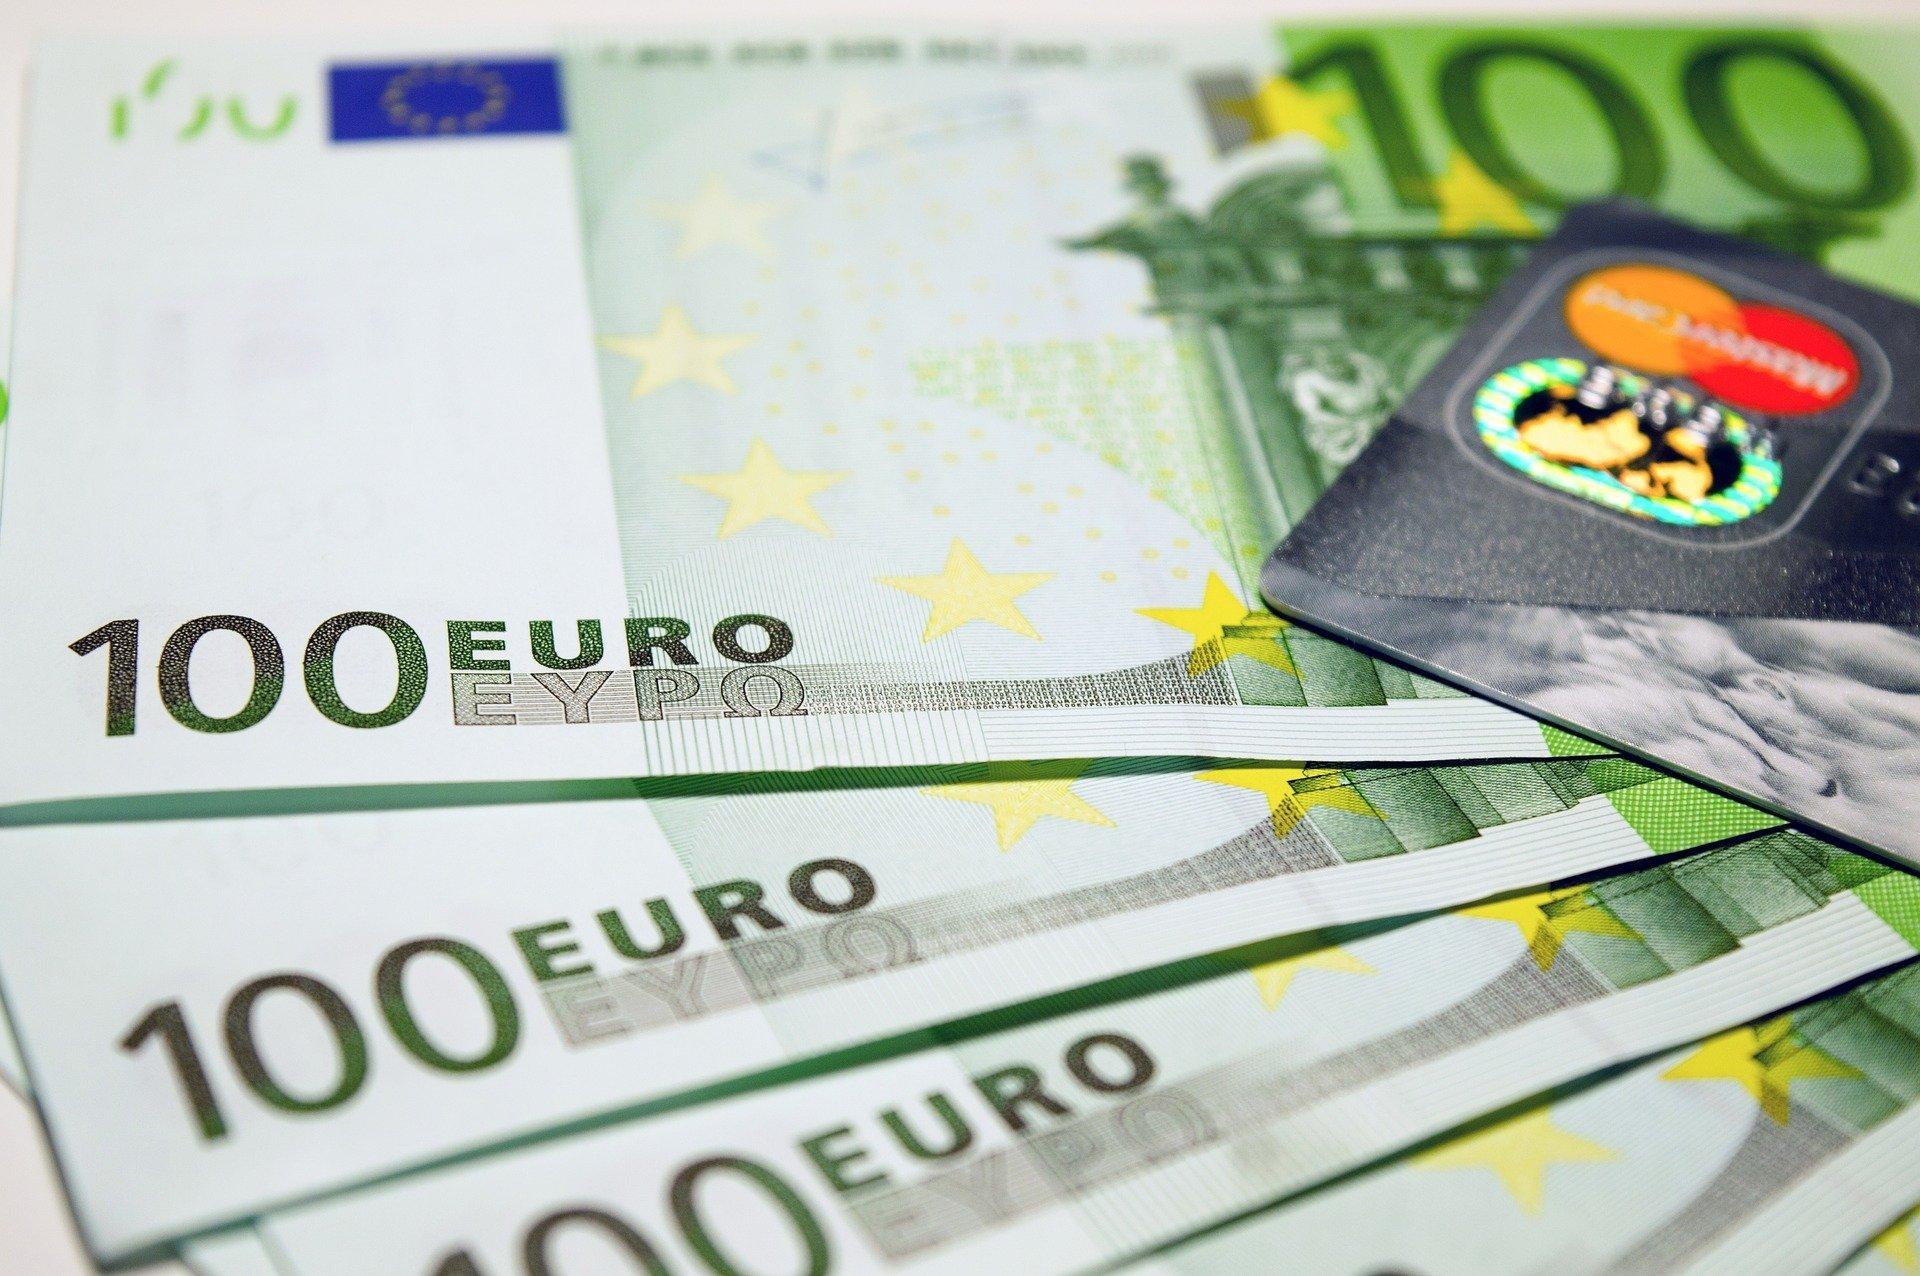 SPÖ потребовала сделать 1700 евро минимальной зарплатой в Австрии